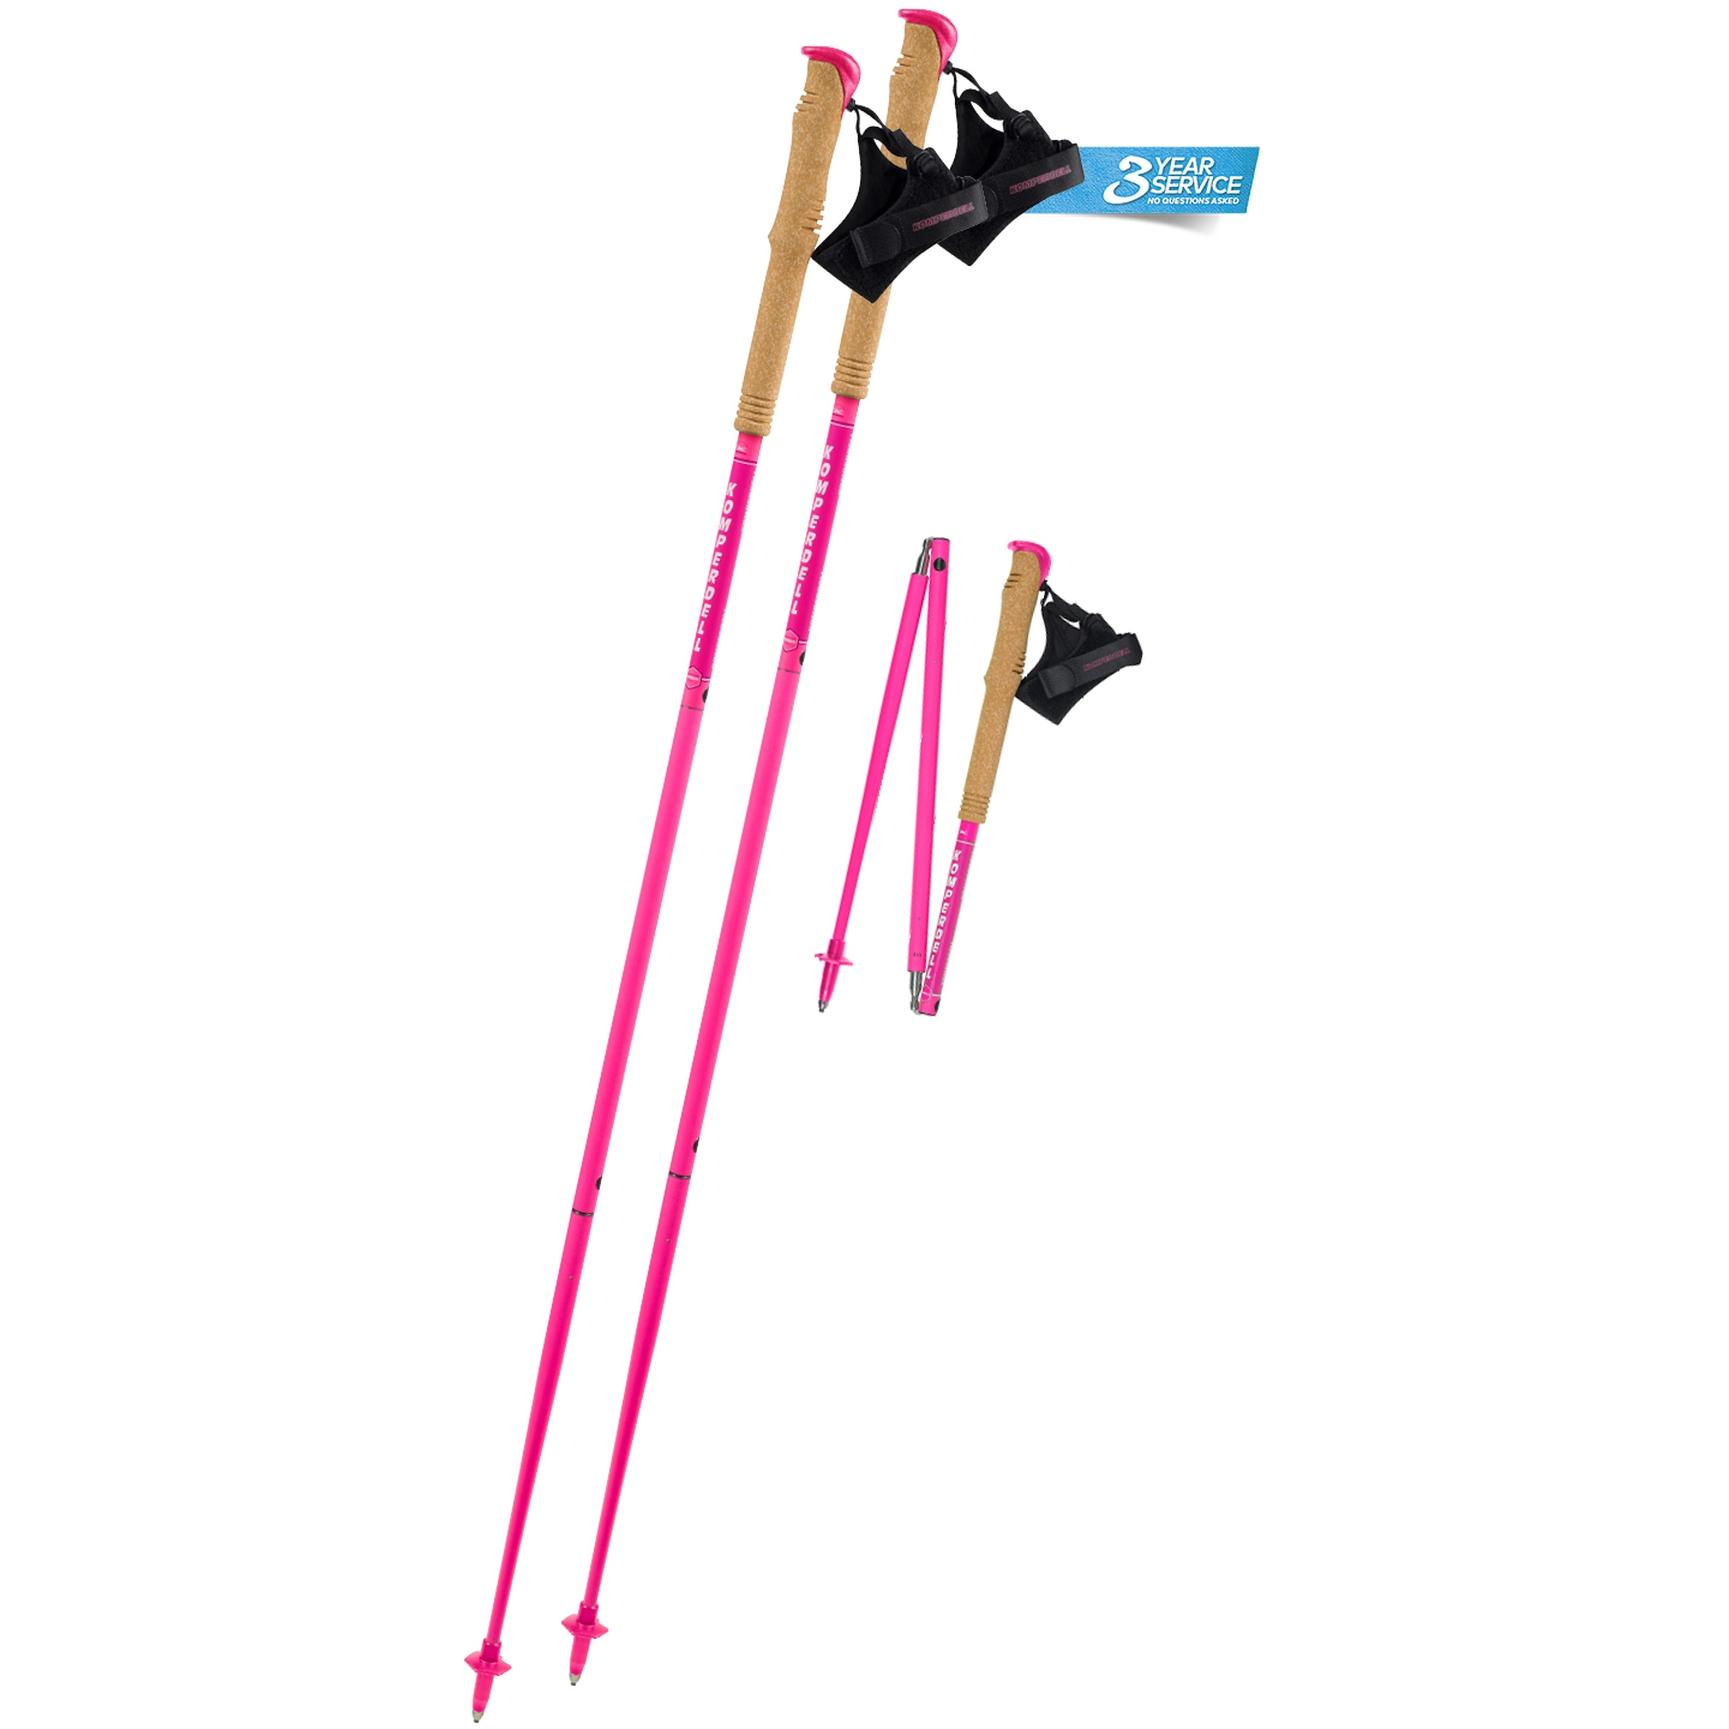 Komperdell Carbon .FXP Team Pink Trekking & Trailrunningstöcke - pink